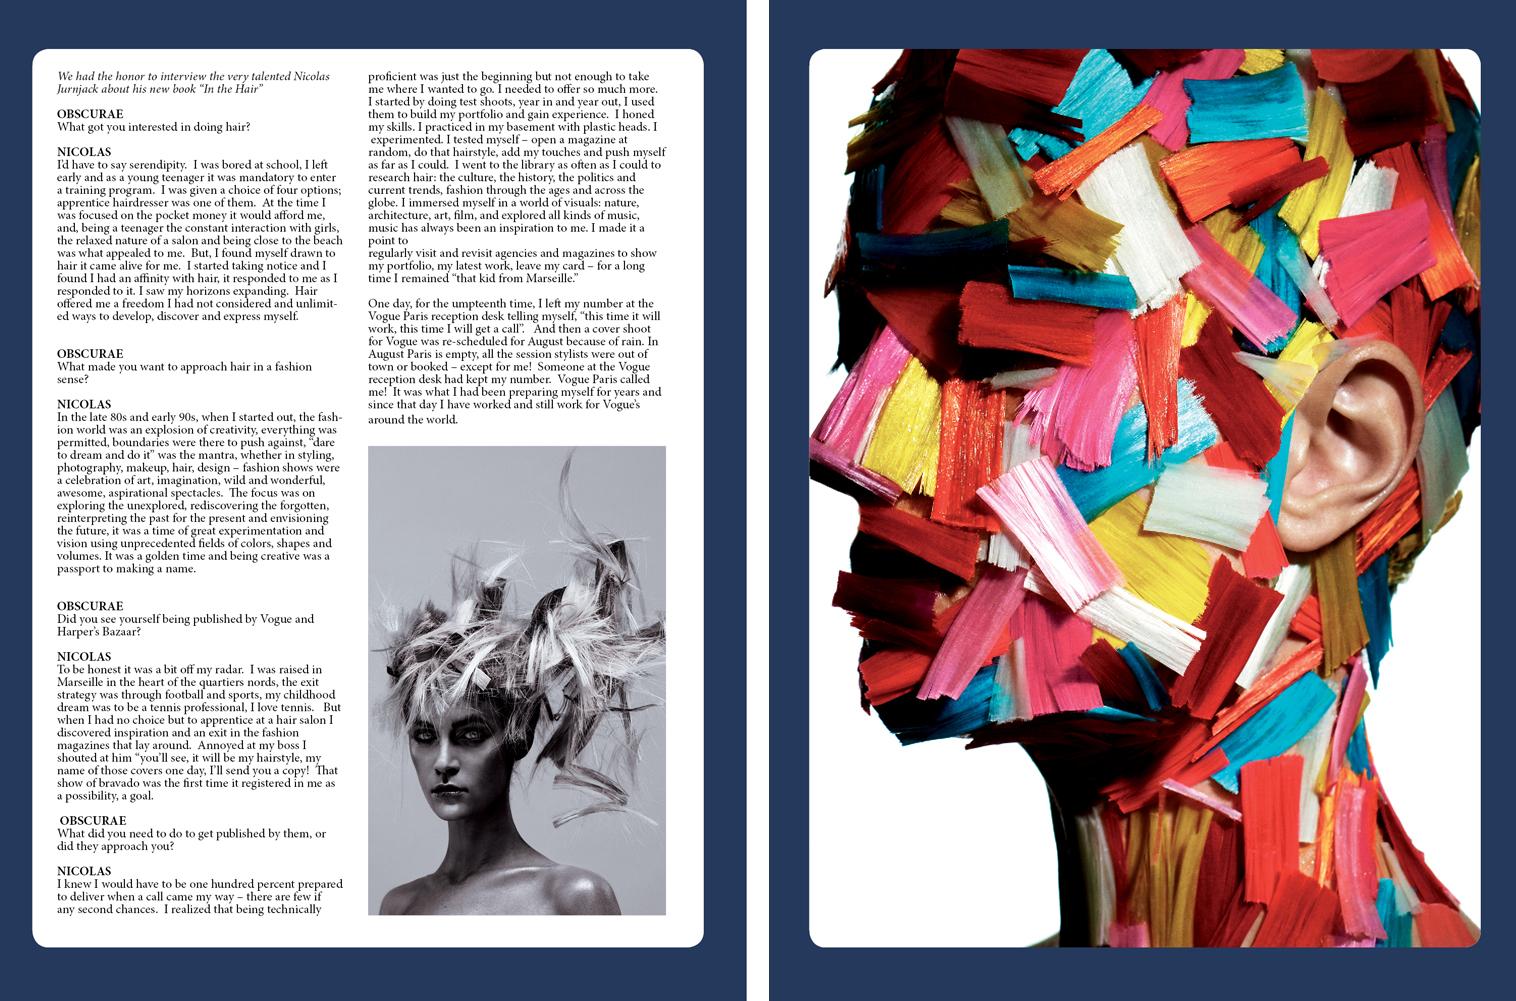 Obscurae Magazine - Vol. 33  p.74-75